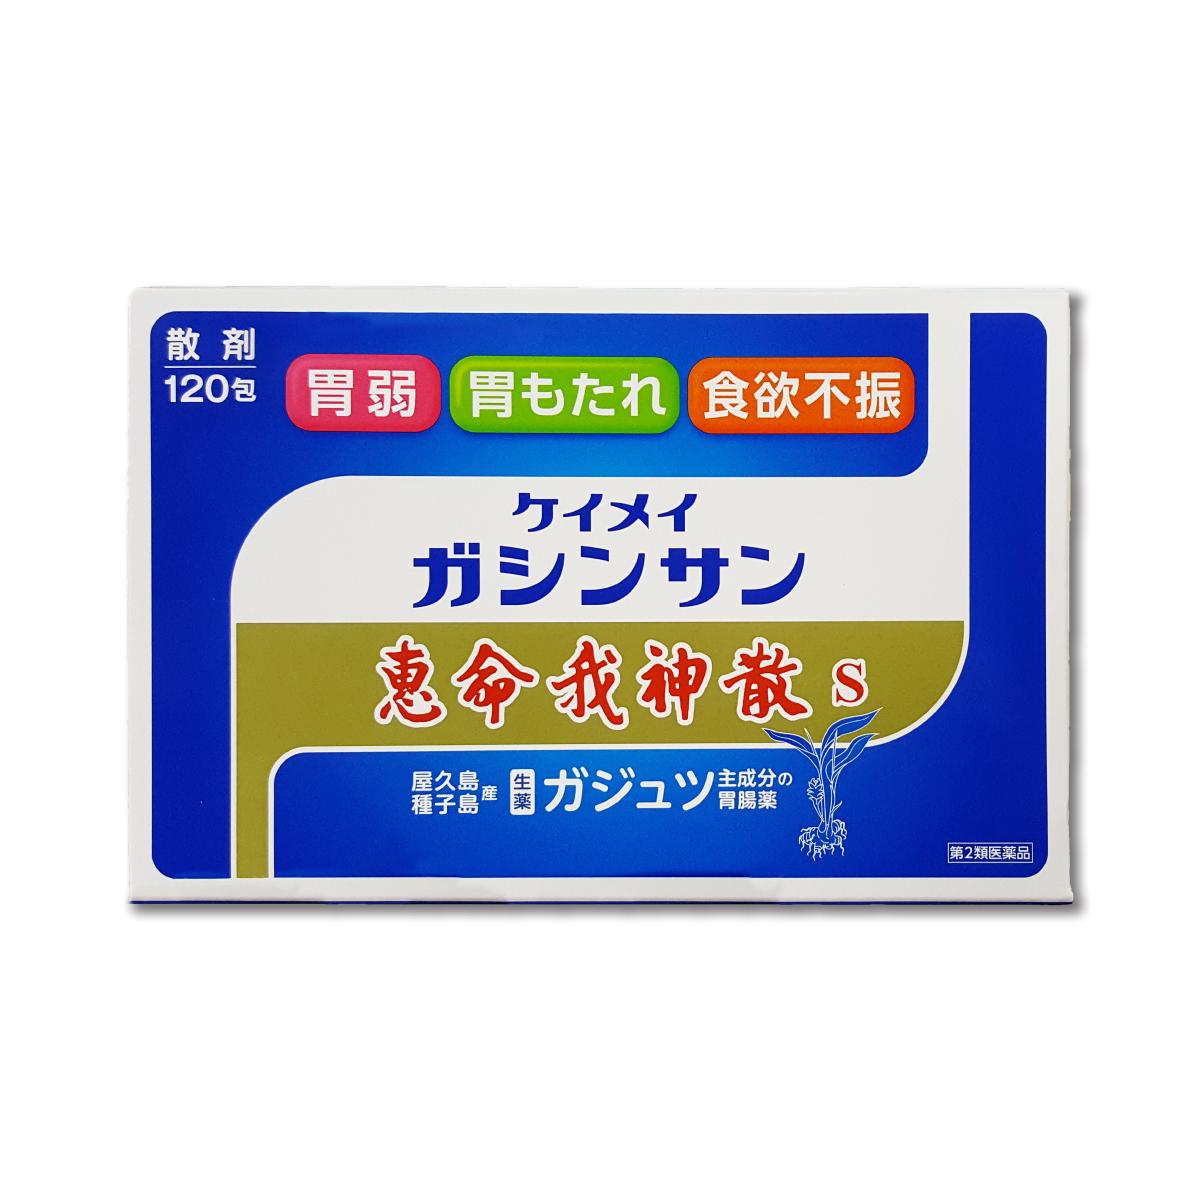 【3個セット】 【第2類医薬品】 恵命我神散S(120包)